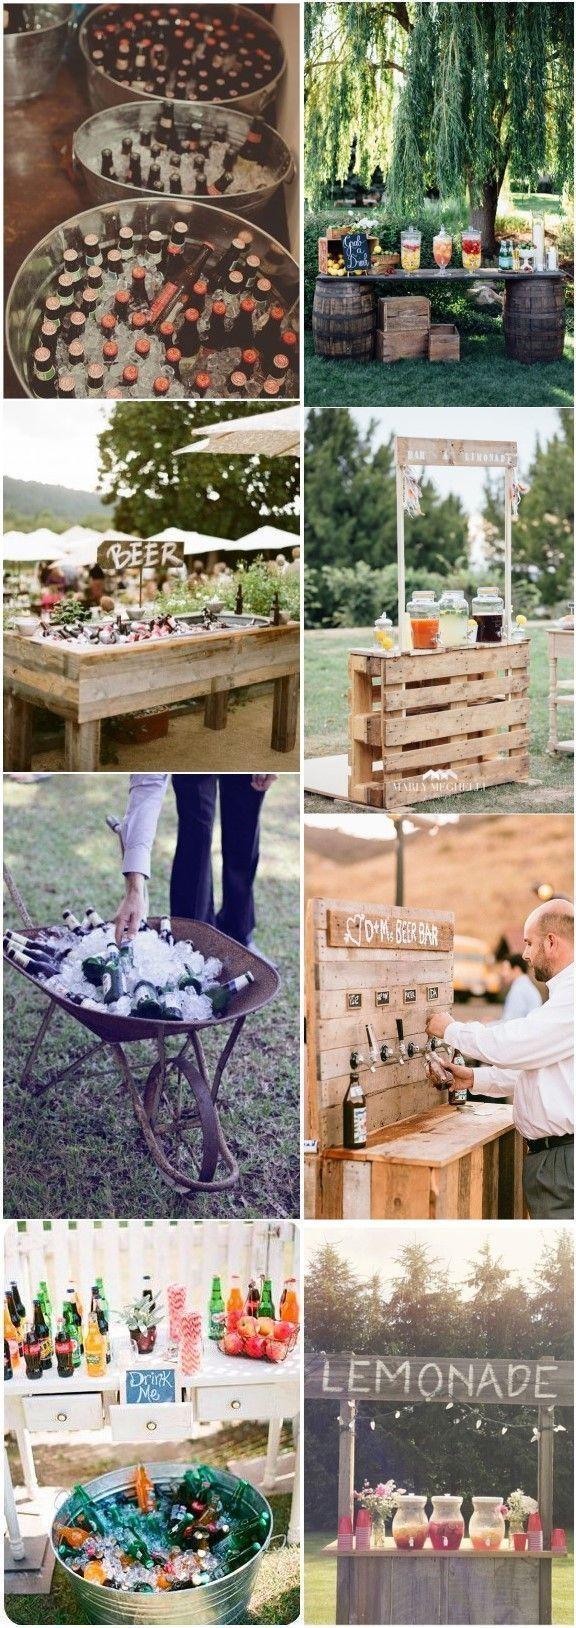 18 einzigartige & kreative Hochzeit Drink Bar Ideen für Hochzeit im Freien #ceremonyideas